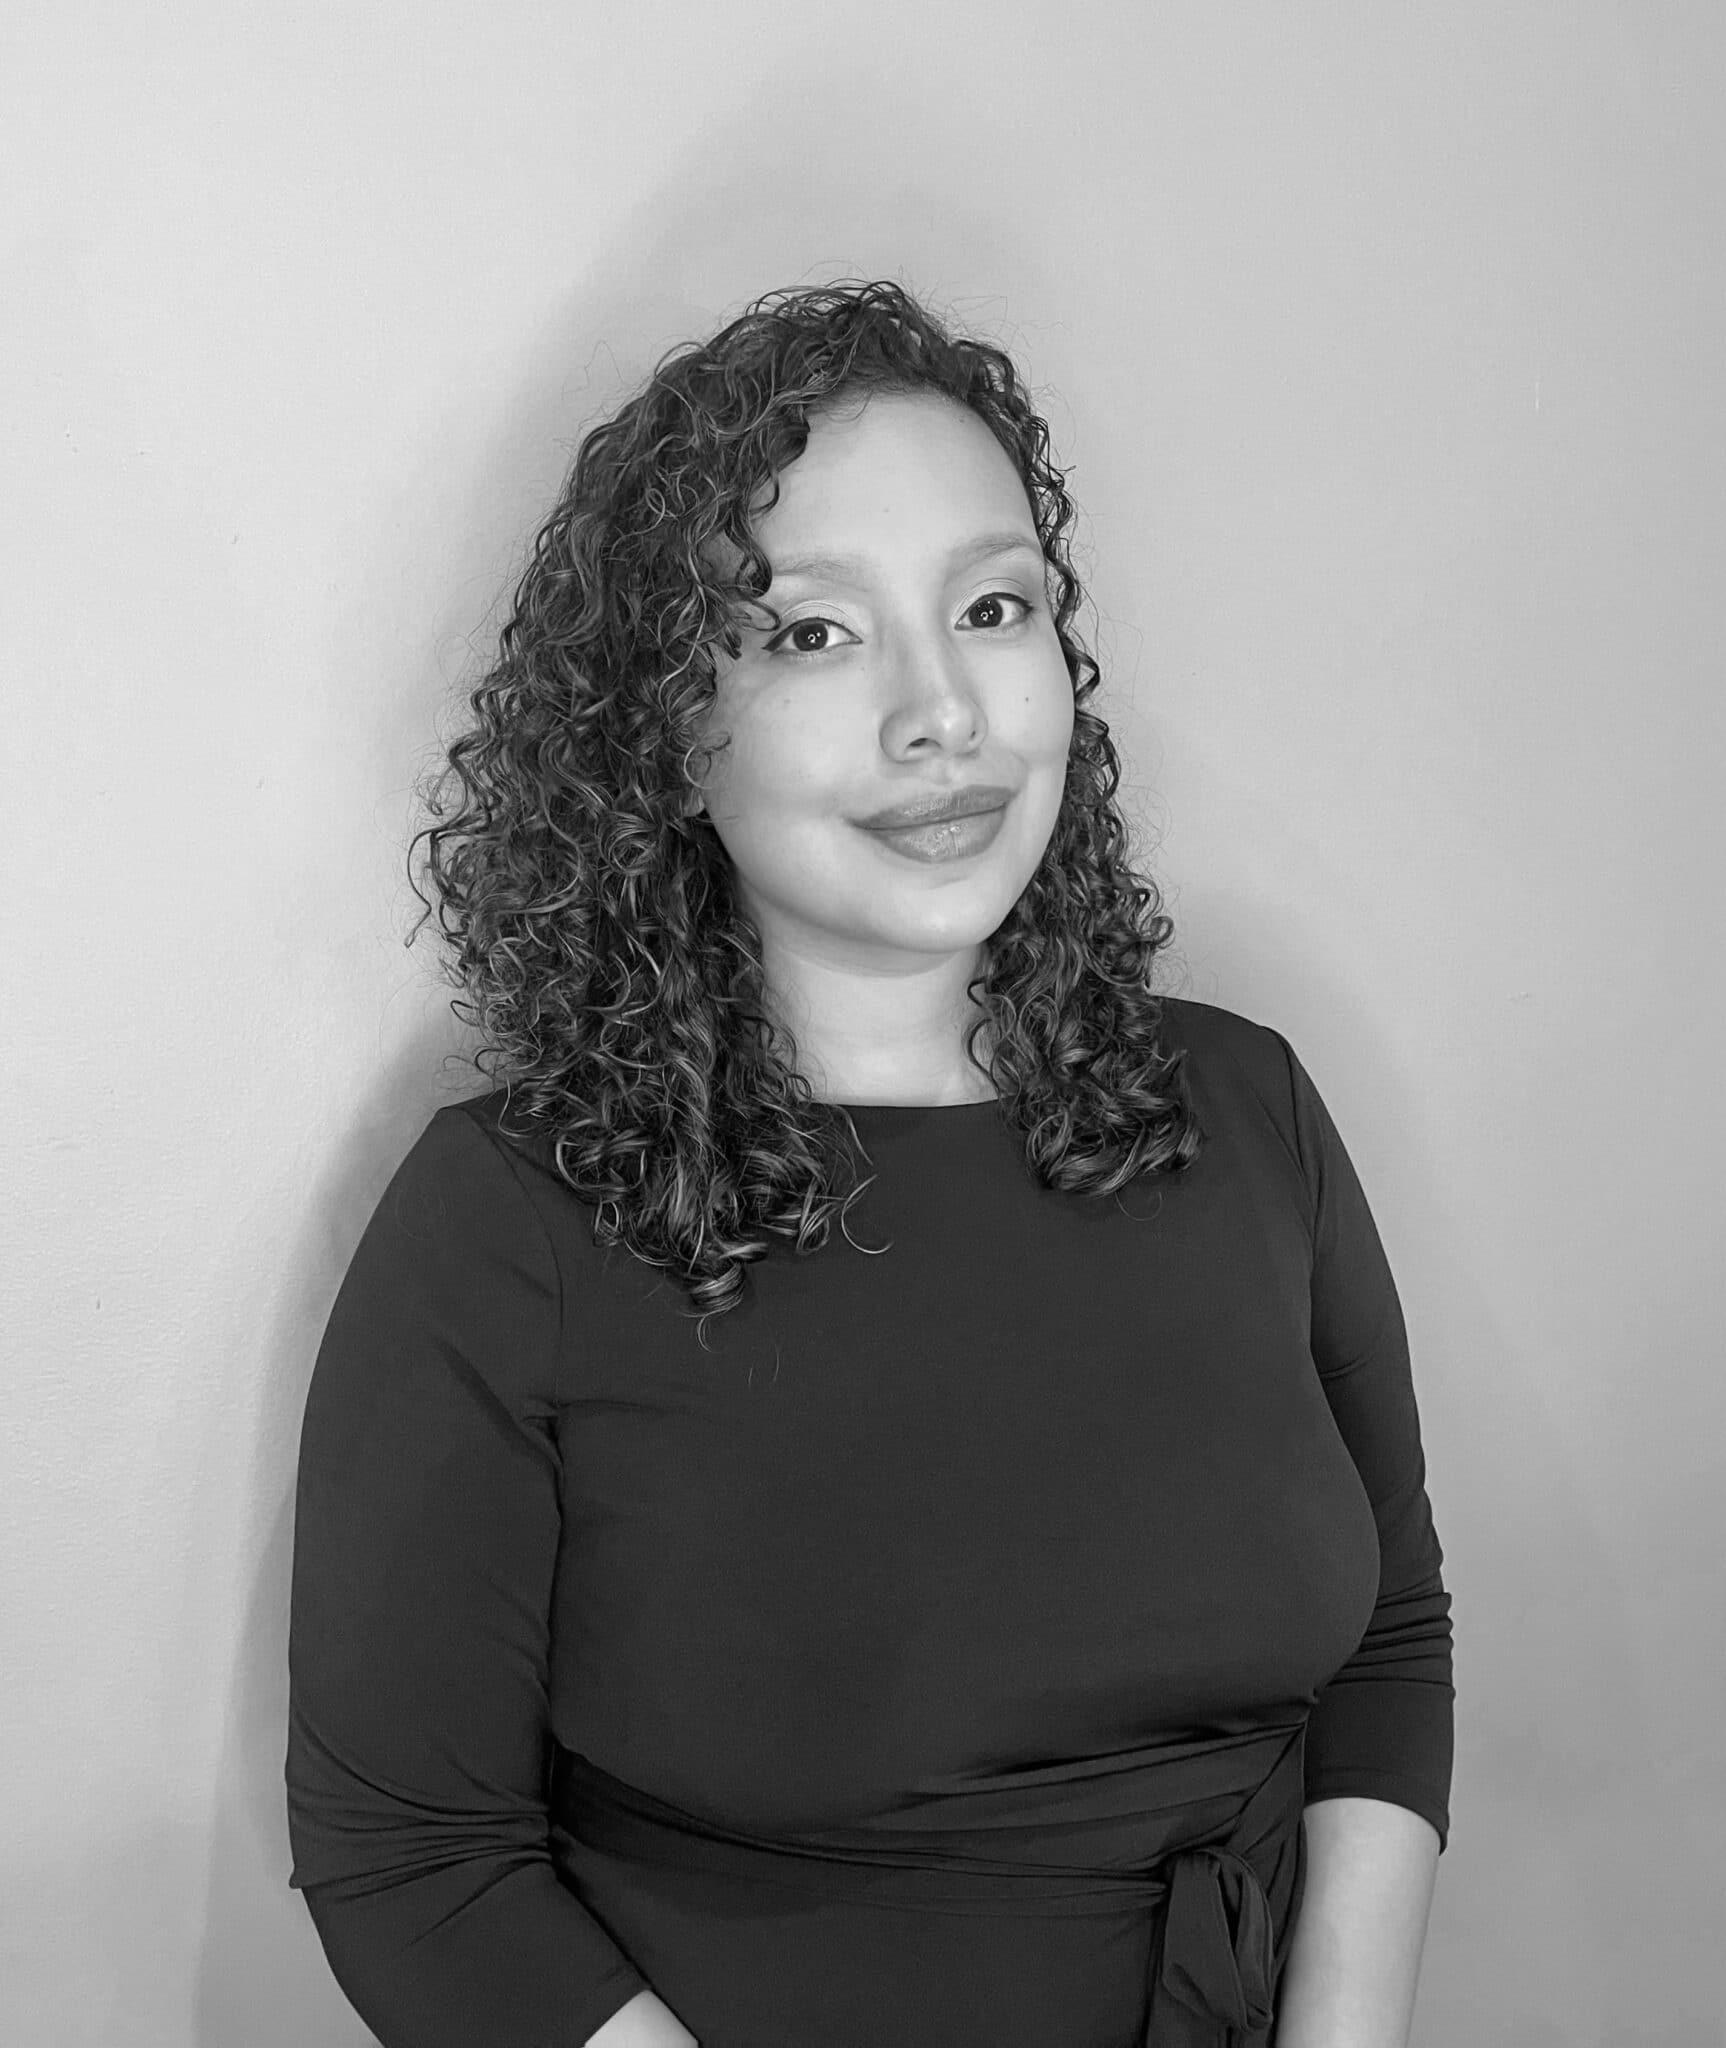 Giselle Cordero